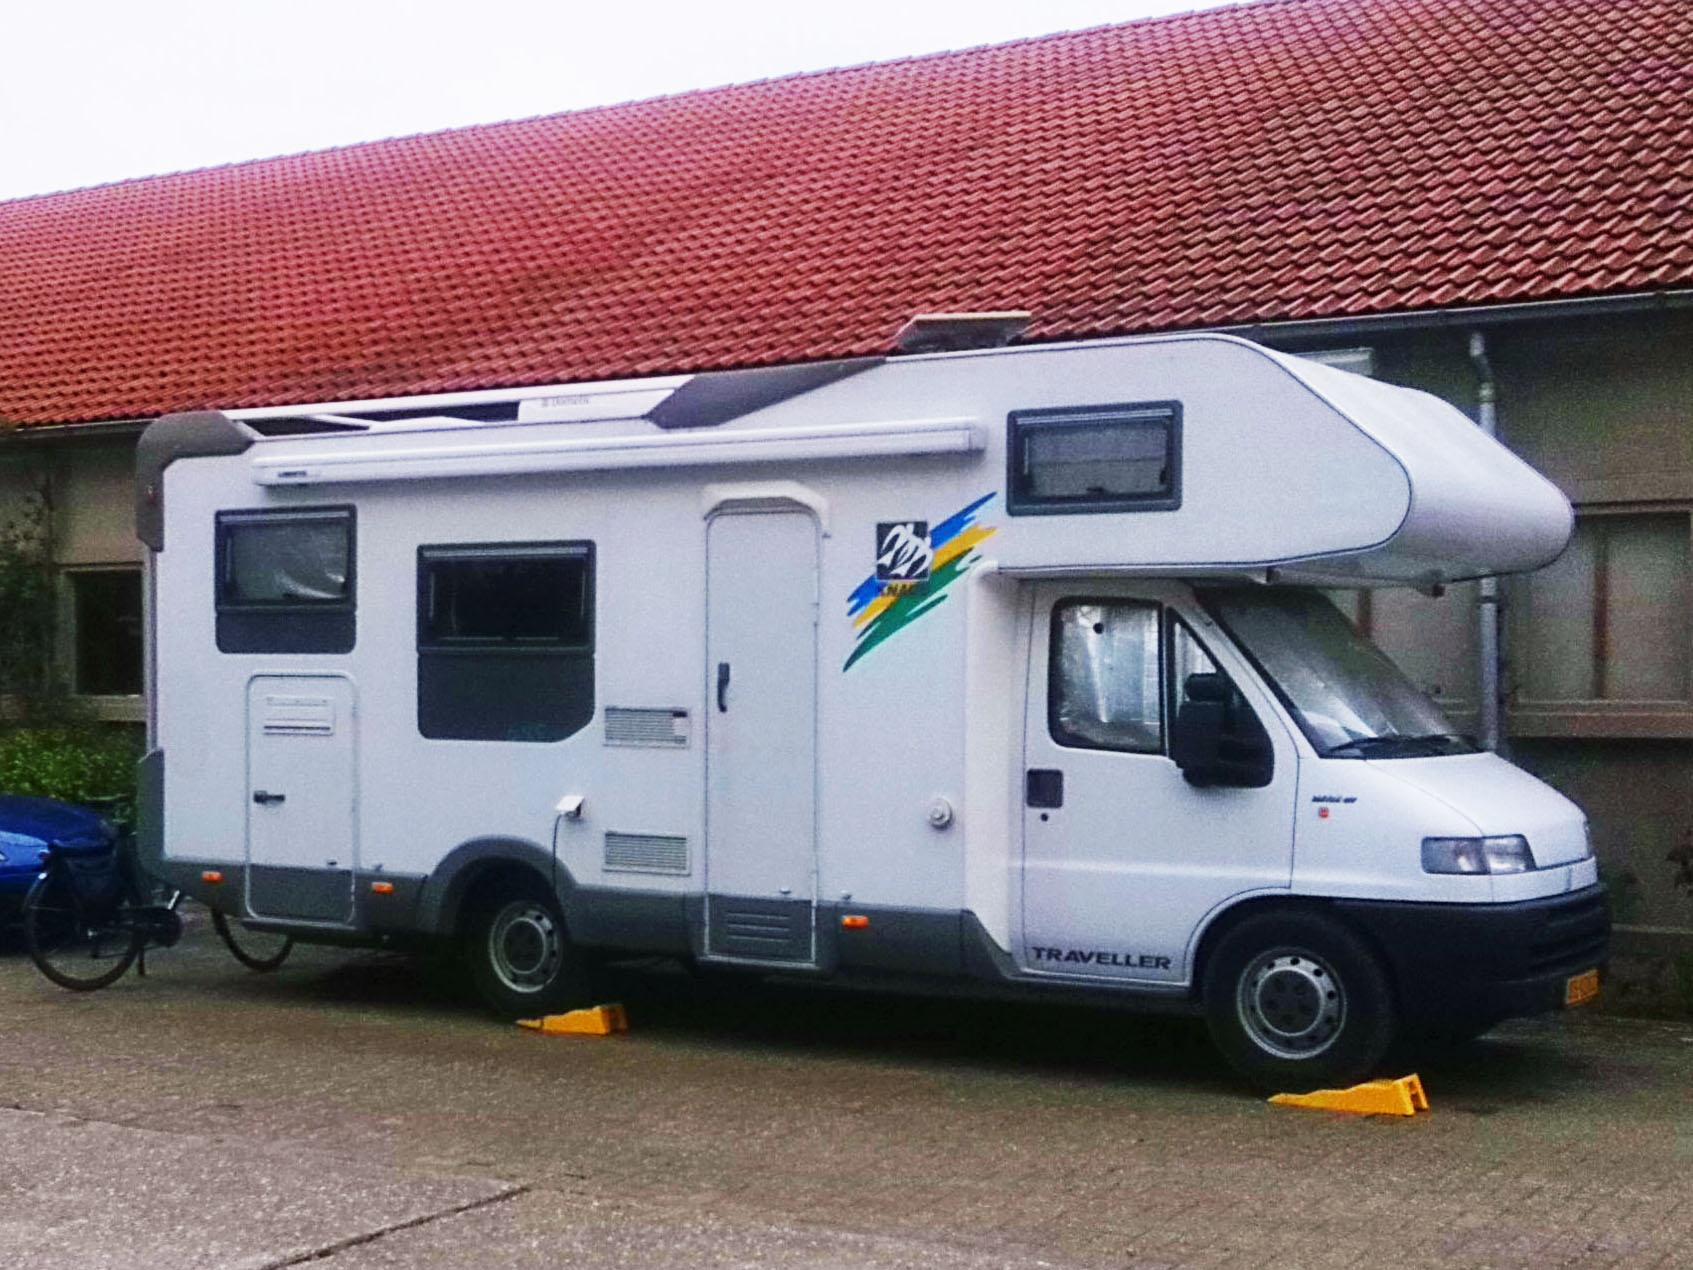 Grootste campers   camperverhuur   camperfun.nl